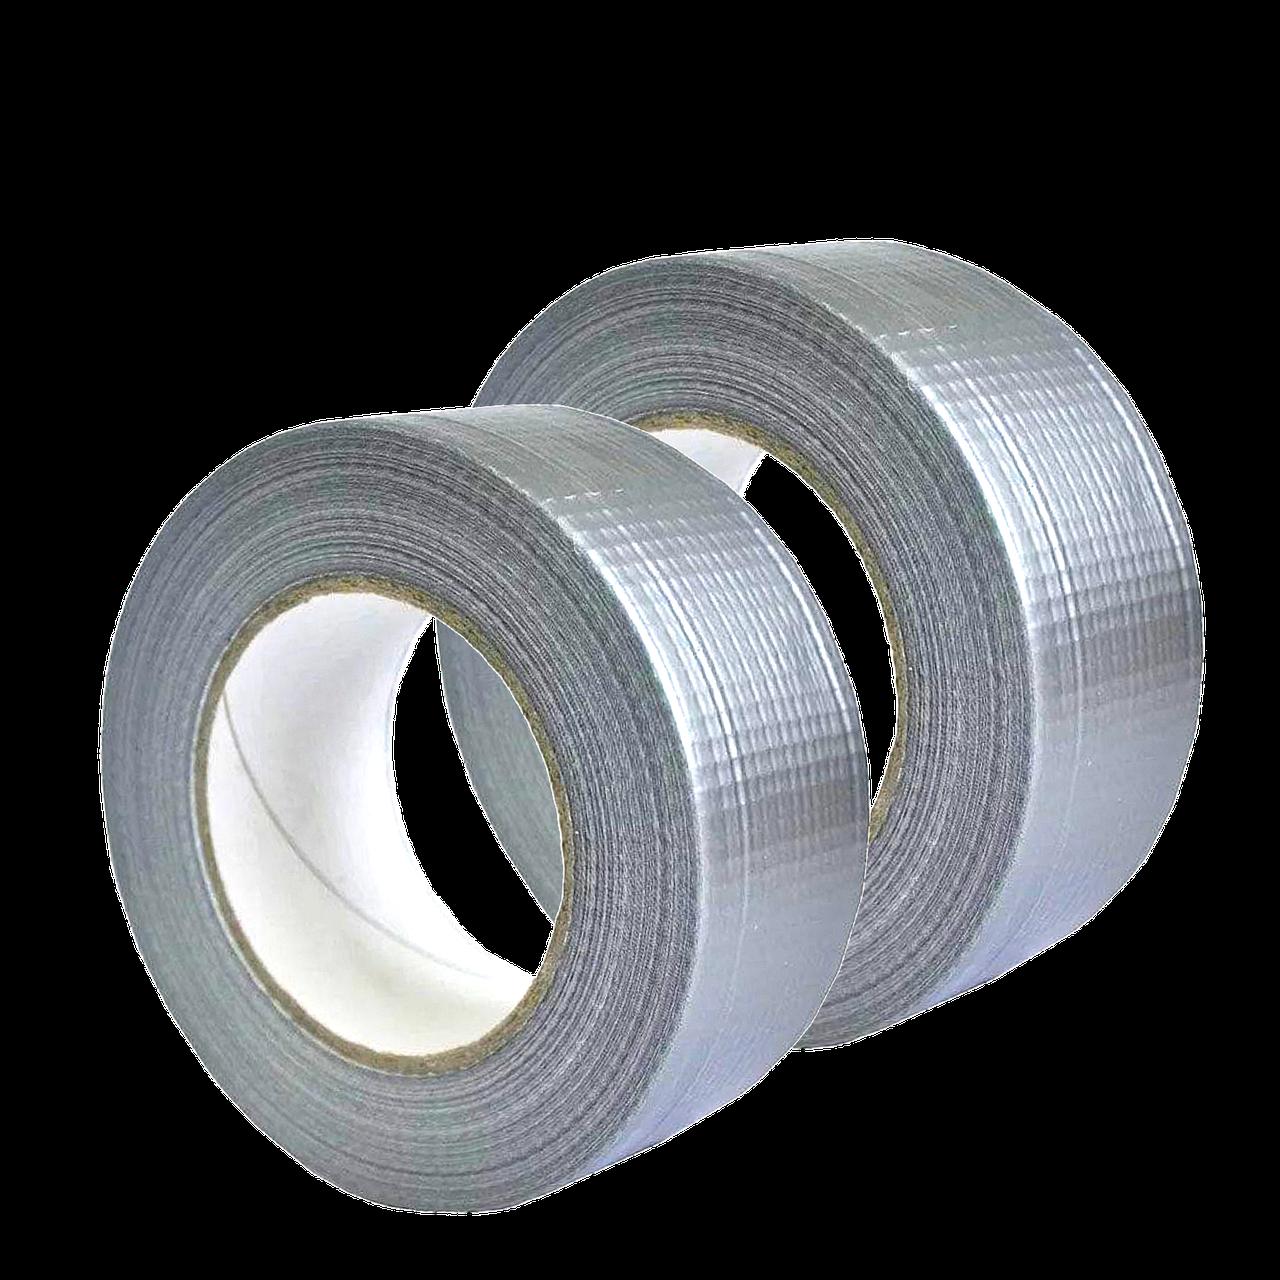 Скотч армированный 10м/48мм (62164) (серый) 138 мкм